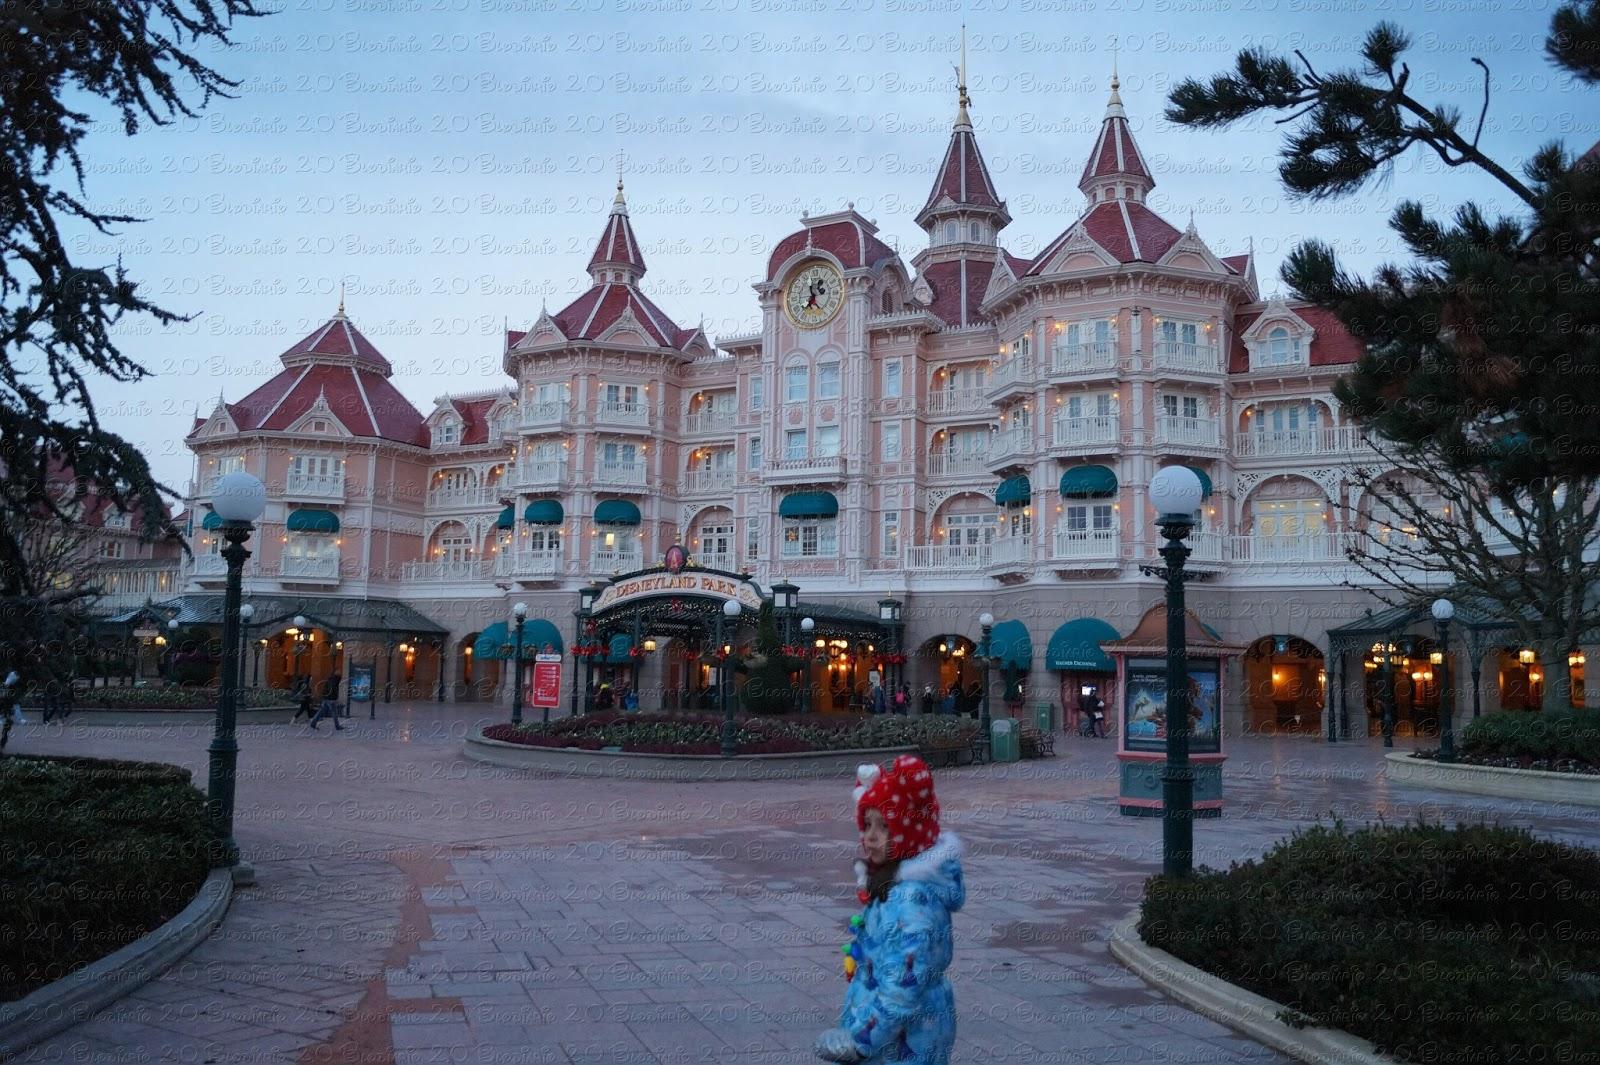 Beautiful Soggiorno Disneyland Paris Galleries - Carolineskywalker ...